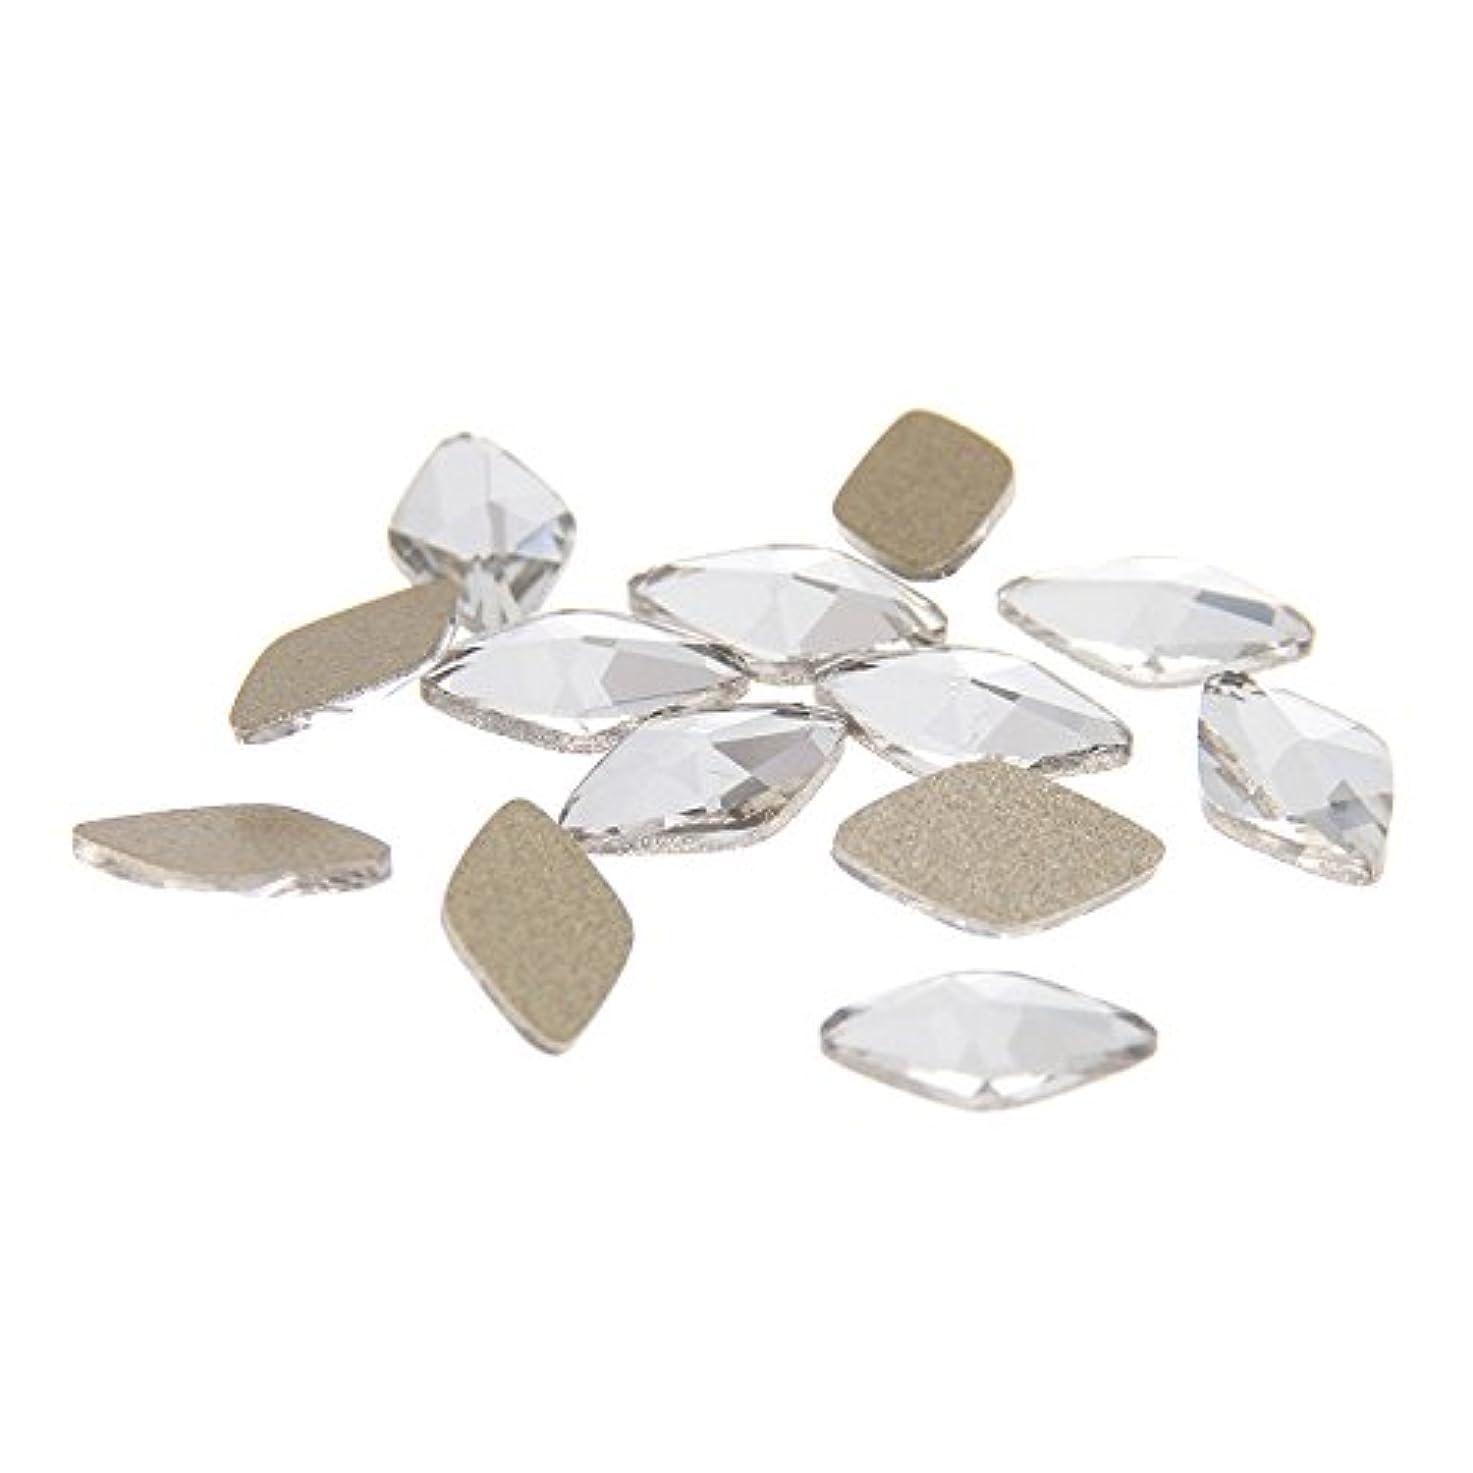 やる士気合理化Nizi ジュエリー ブランド多くの形 クリスタルガラスネイルアート用品 50pcs ネイルステッカー DIY装飾用 (6x10mm 菱形)